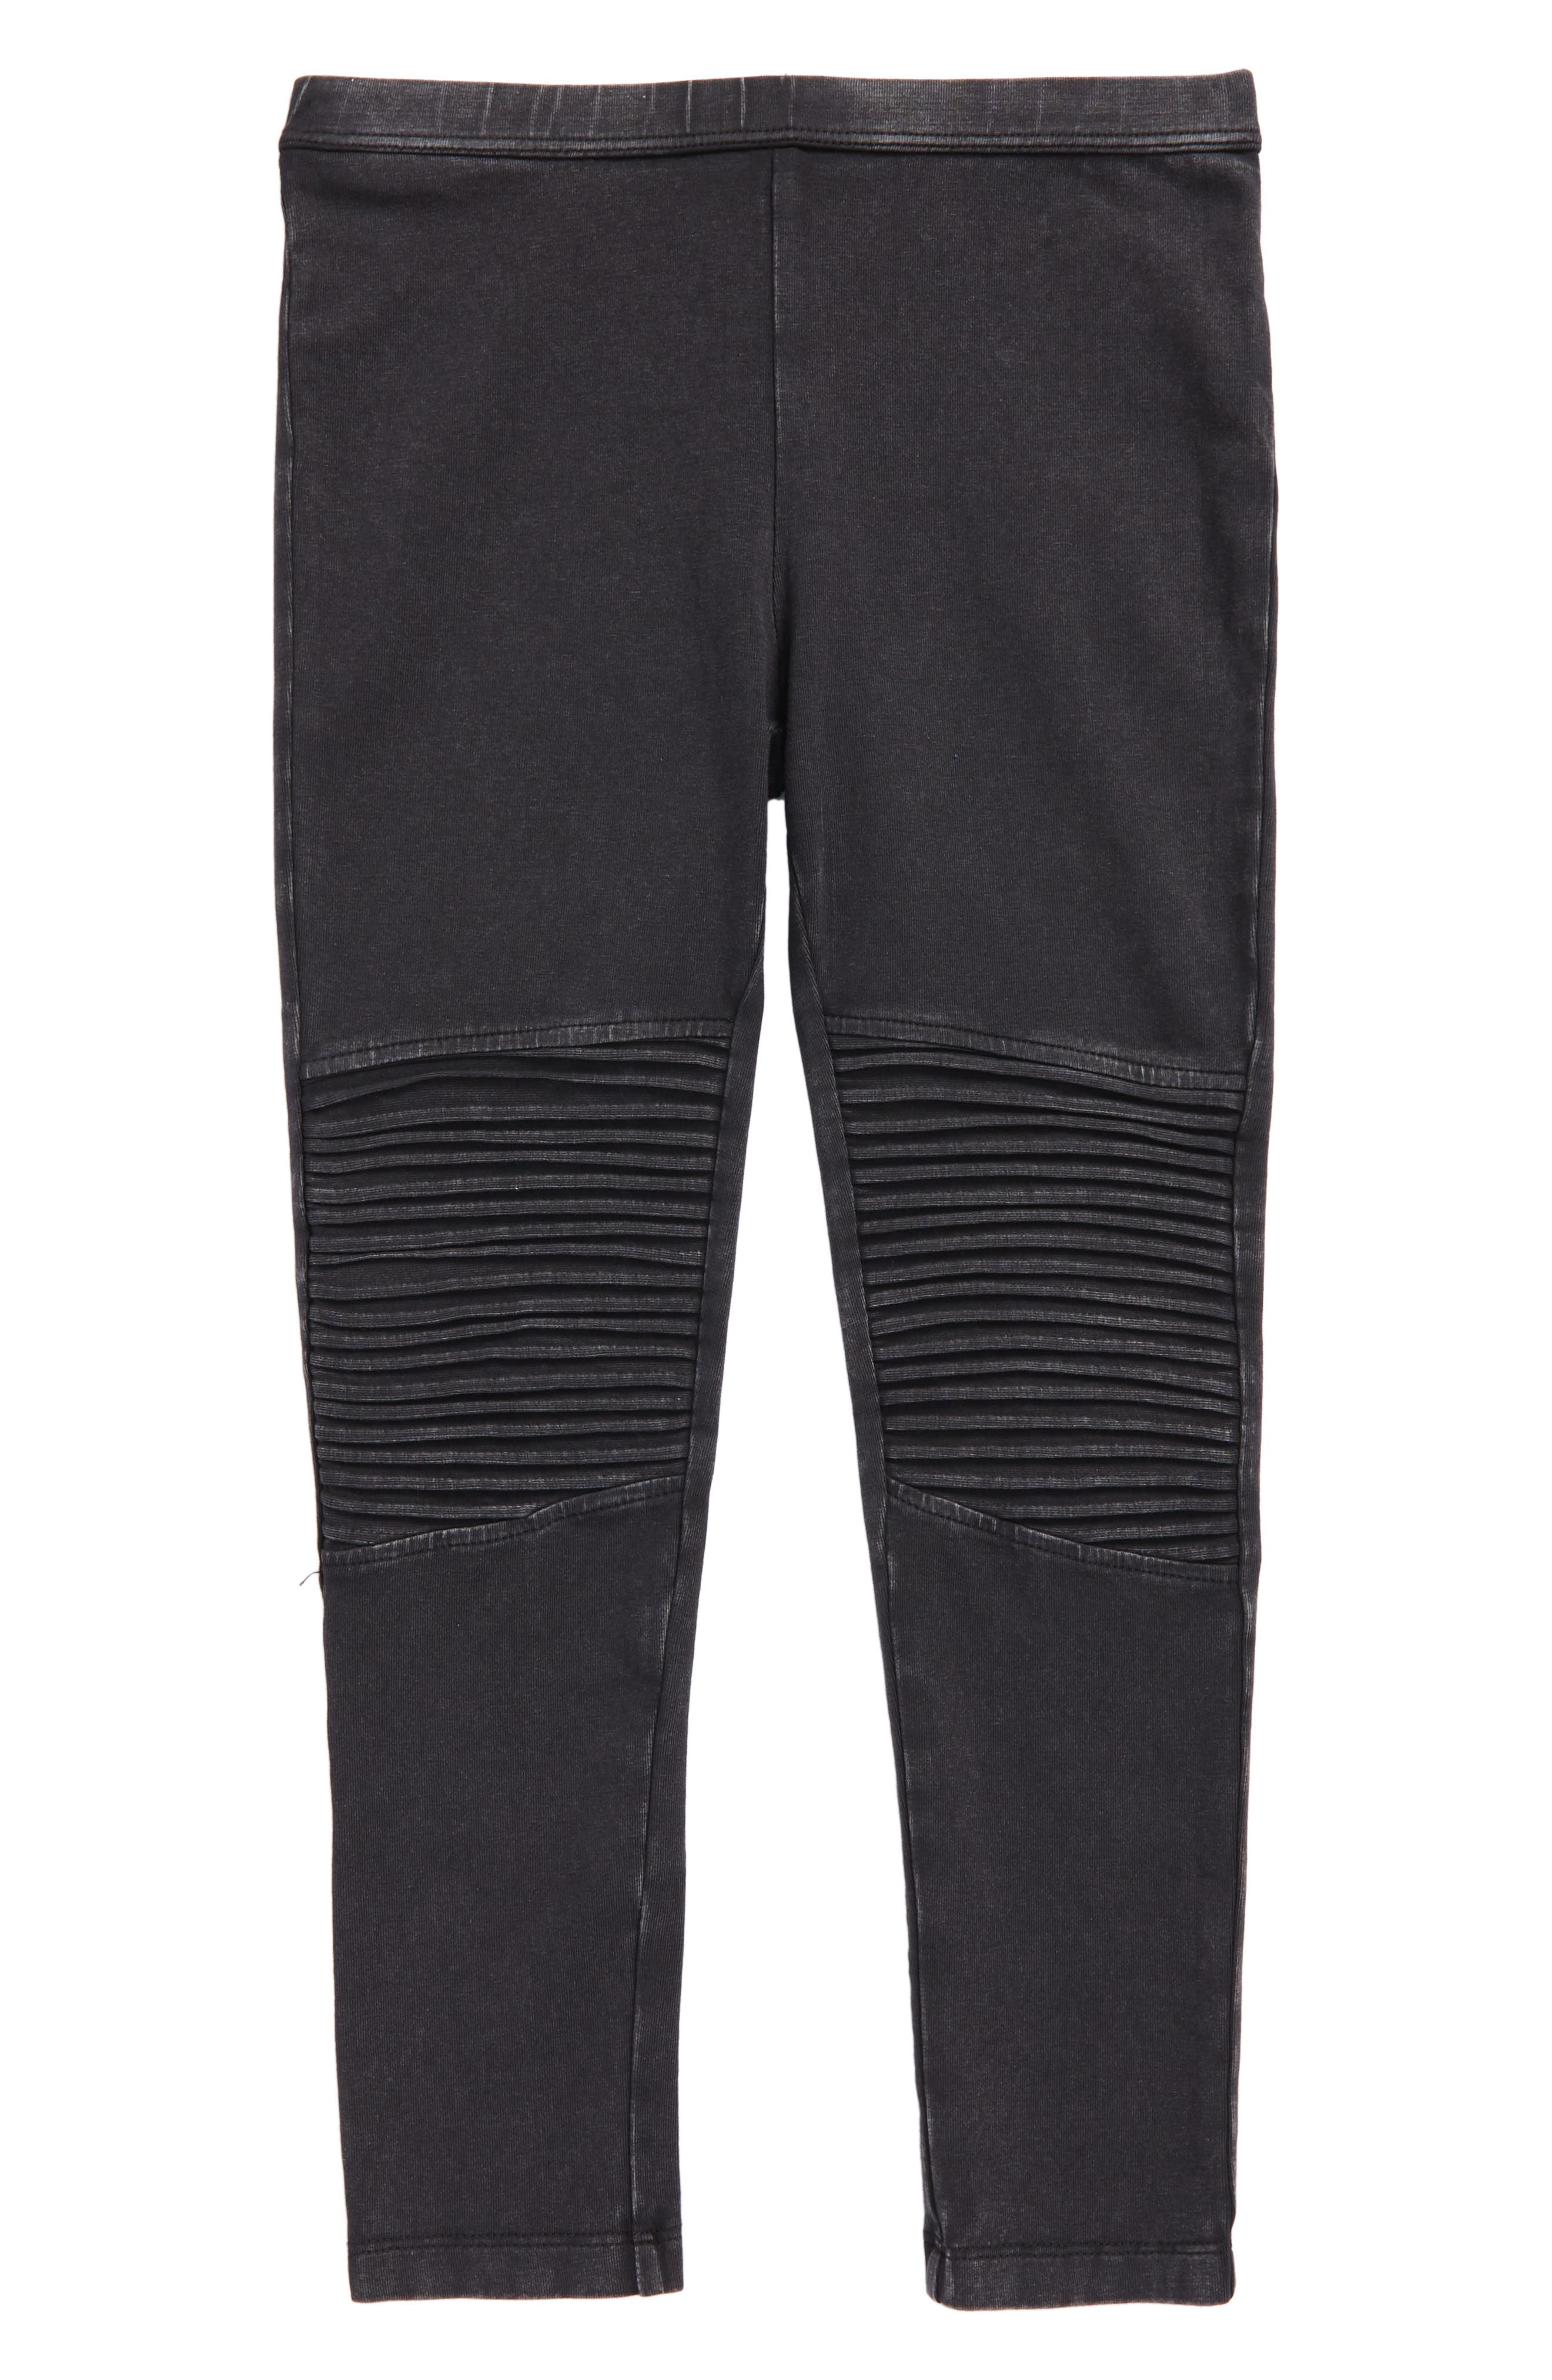 Moto Leggings,                         Main,                         color, Black Wash